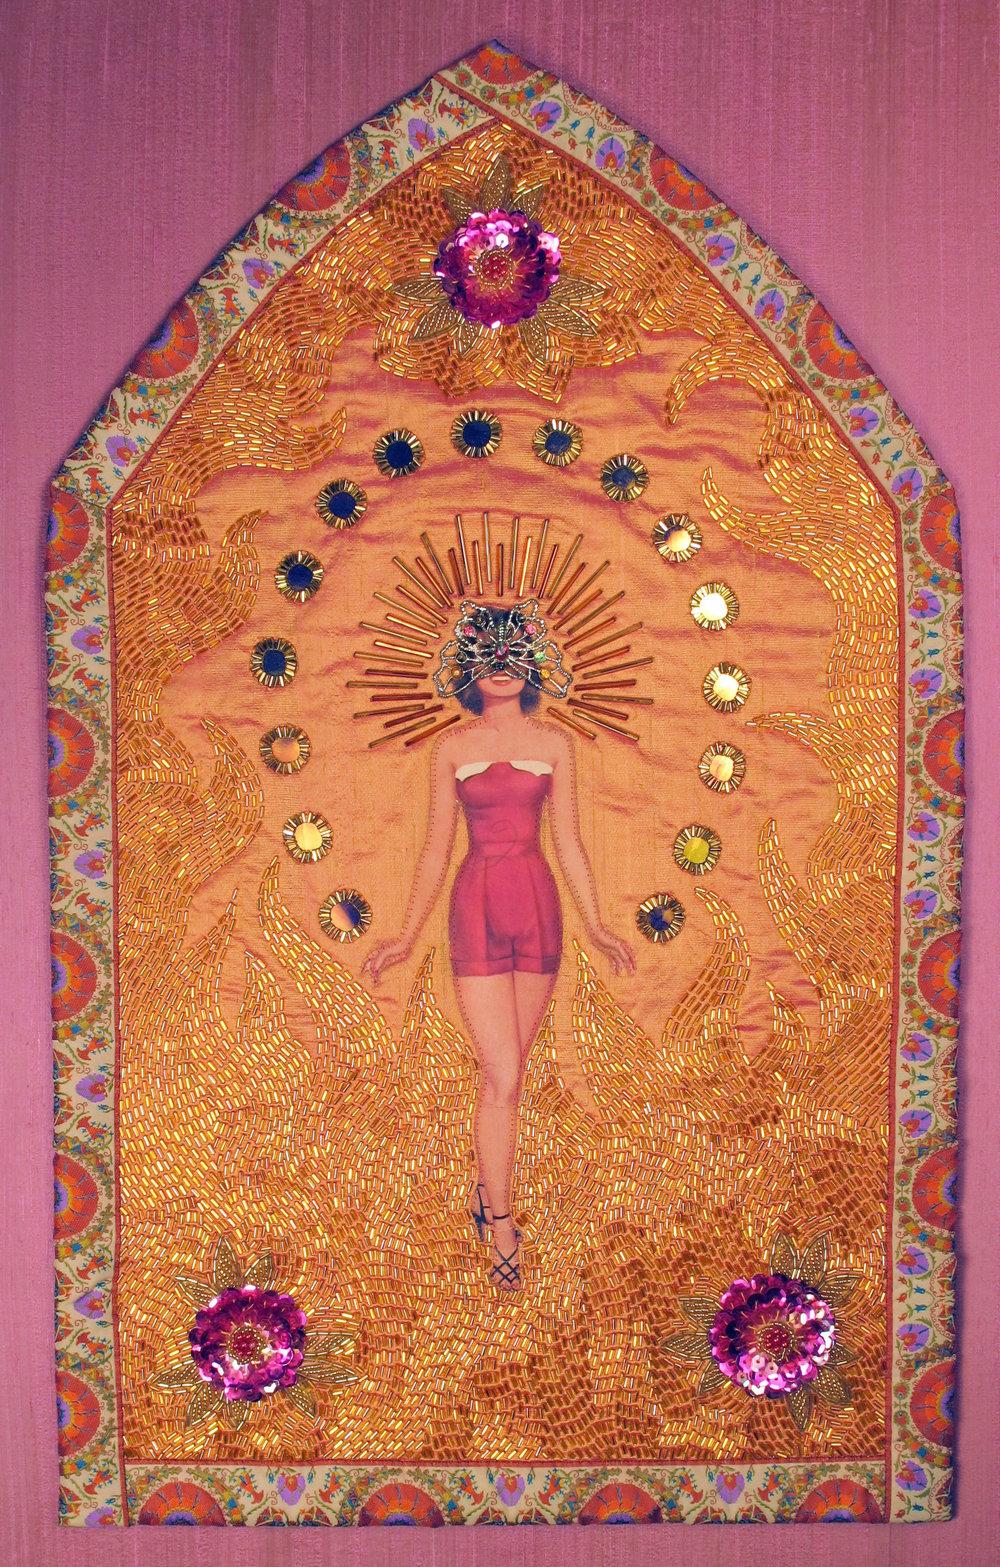 Queen of Heaven (The Resurrection)